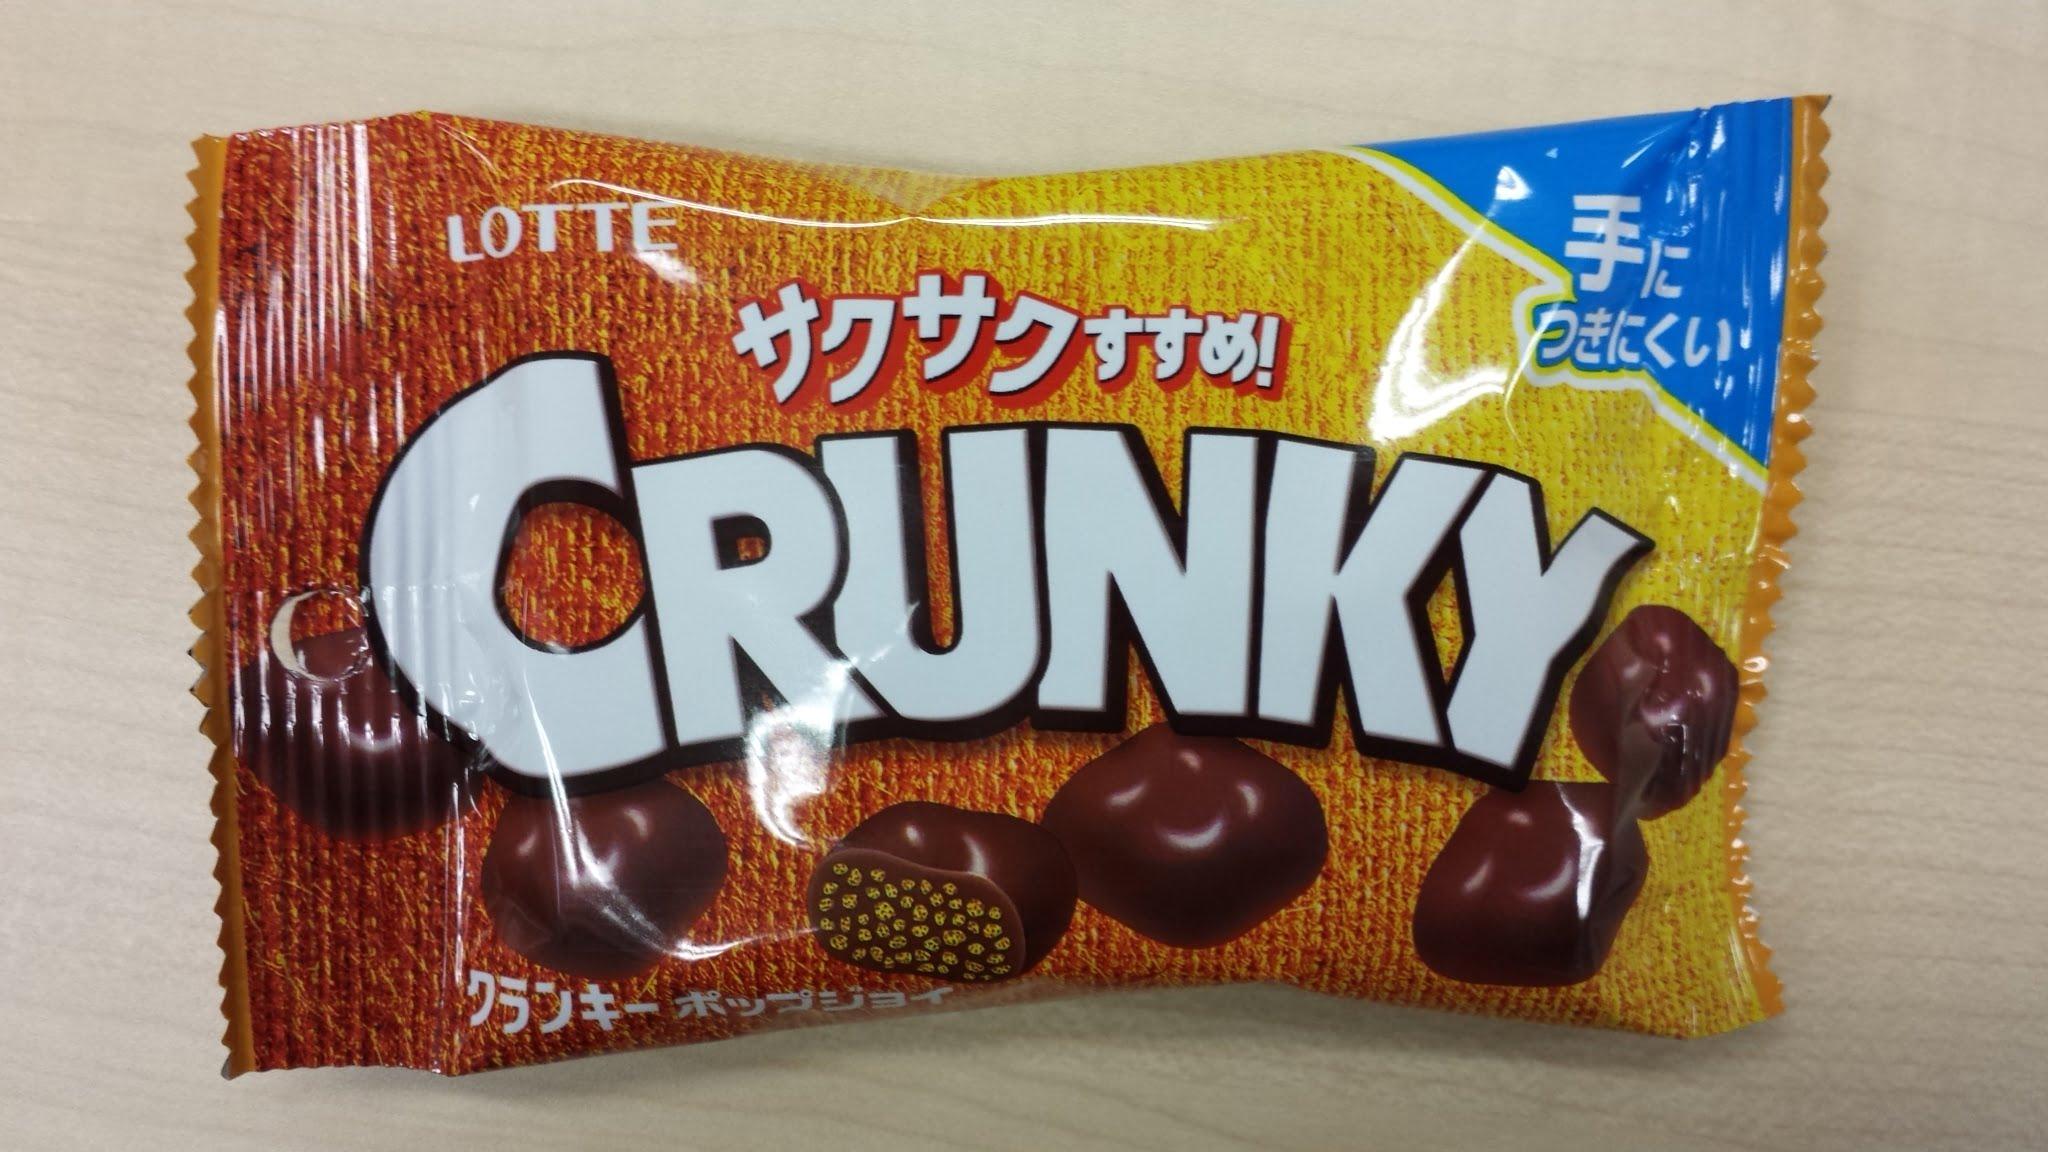 Crunky Japão